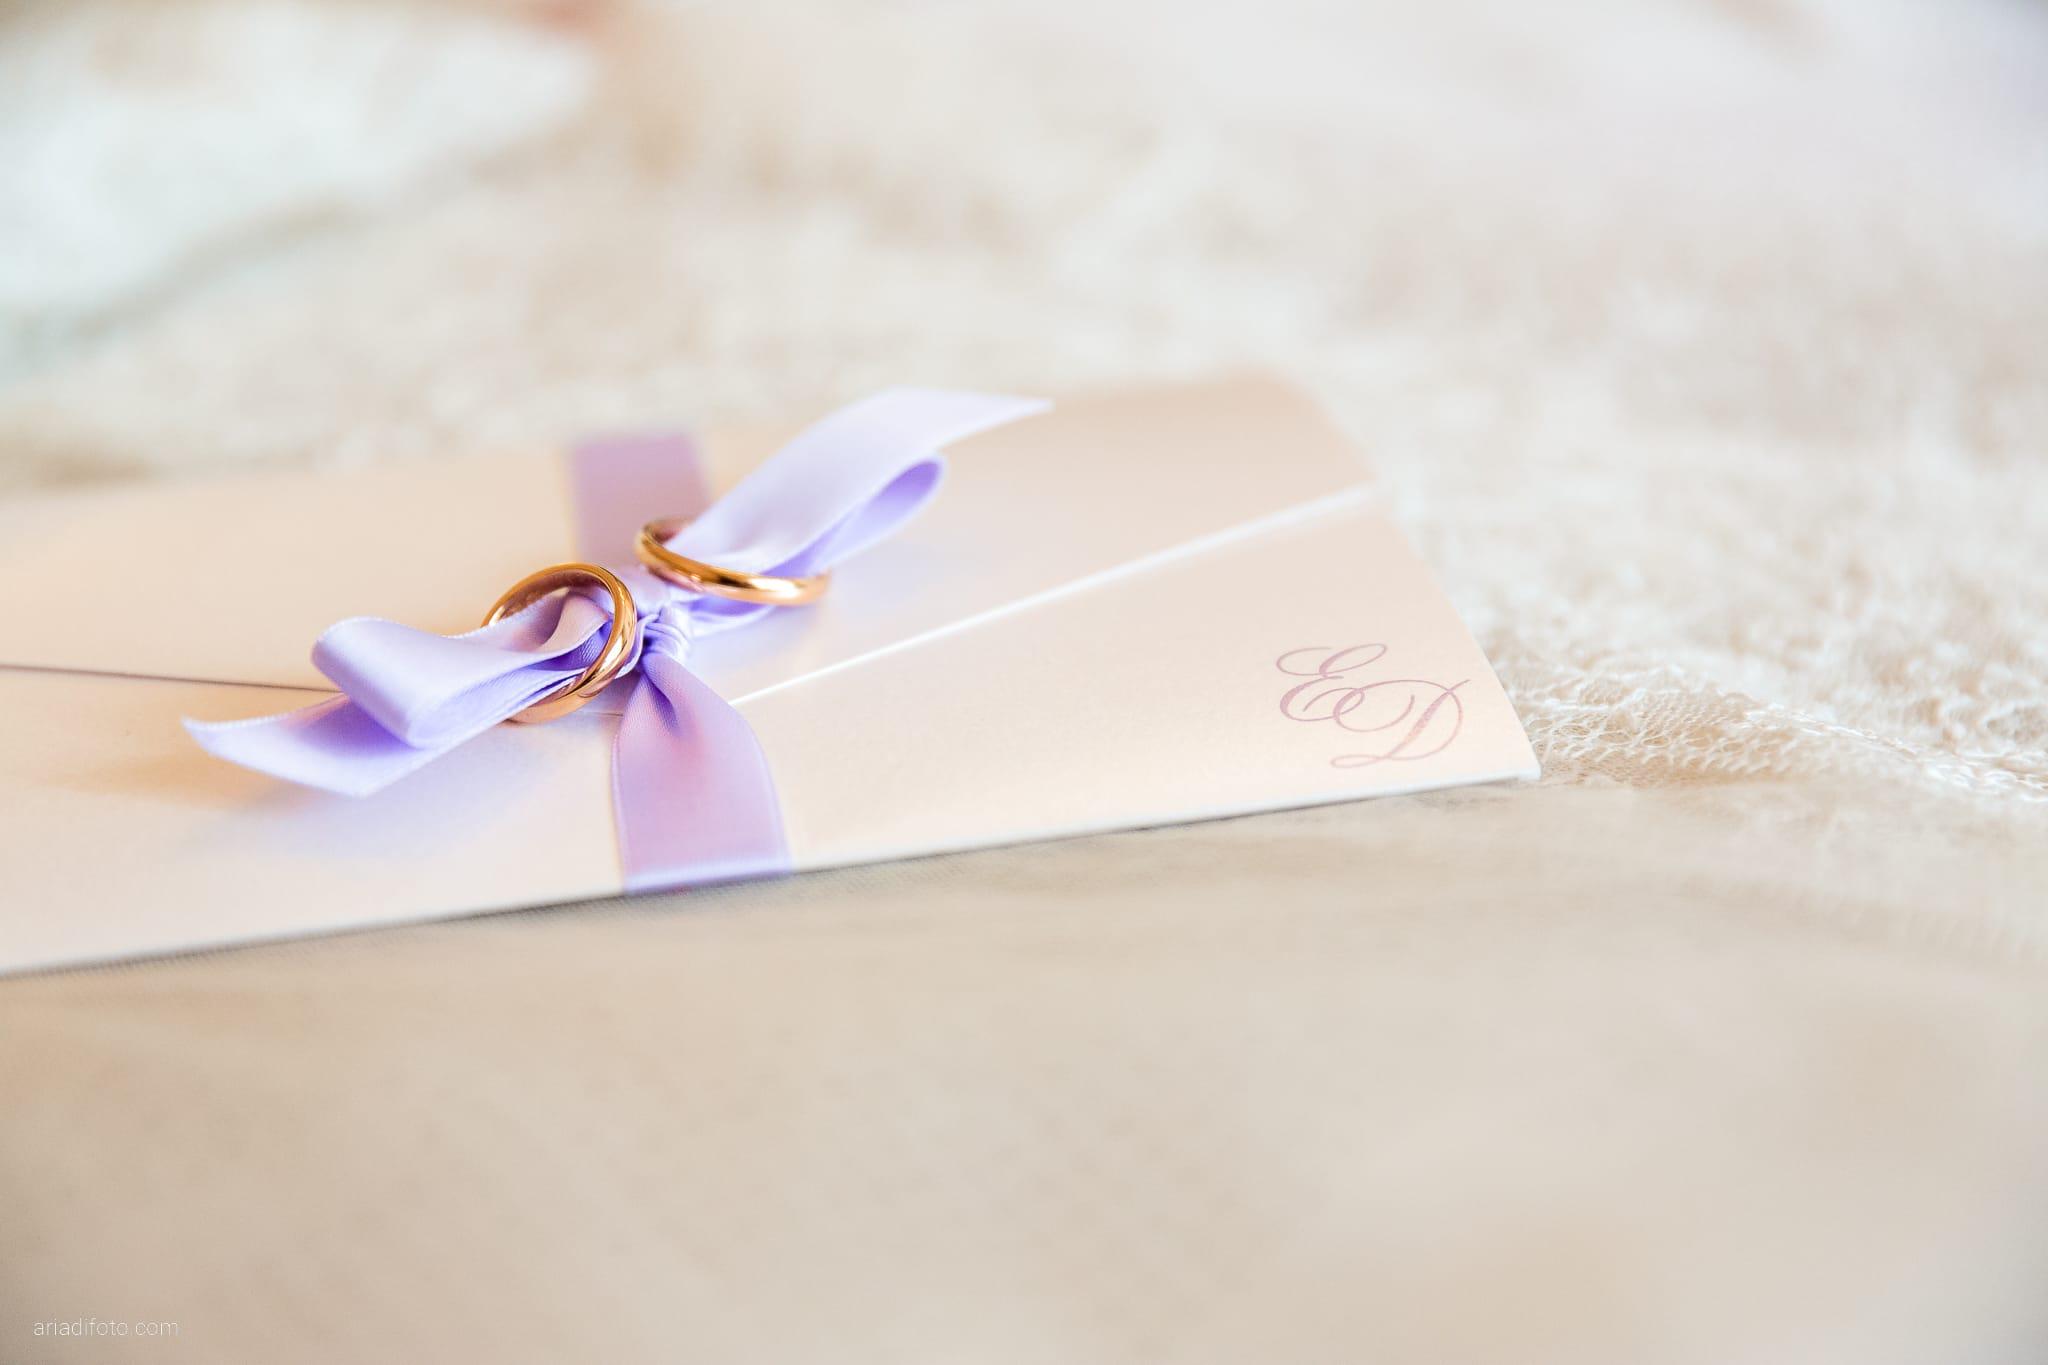 Donatella Enrico matrimonio Castello Duino Trieste preparativi dettagli anelli partecipazioni fiocco